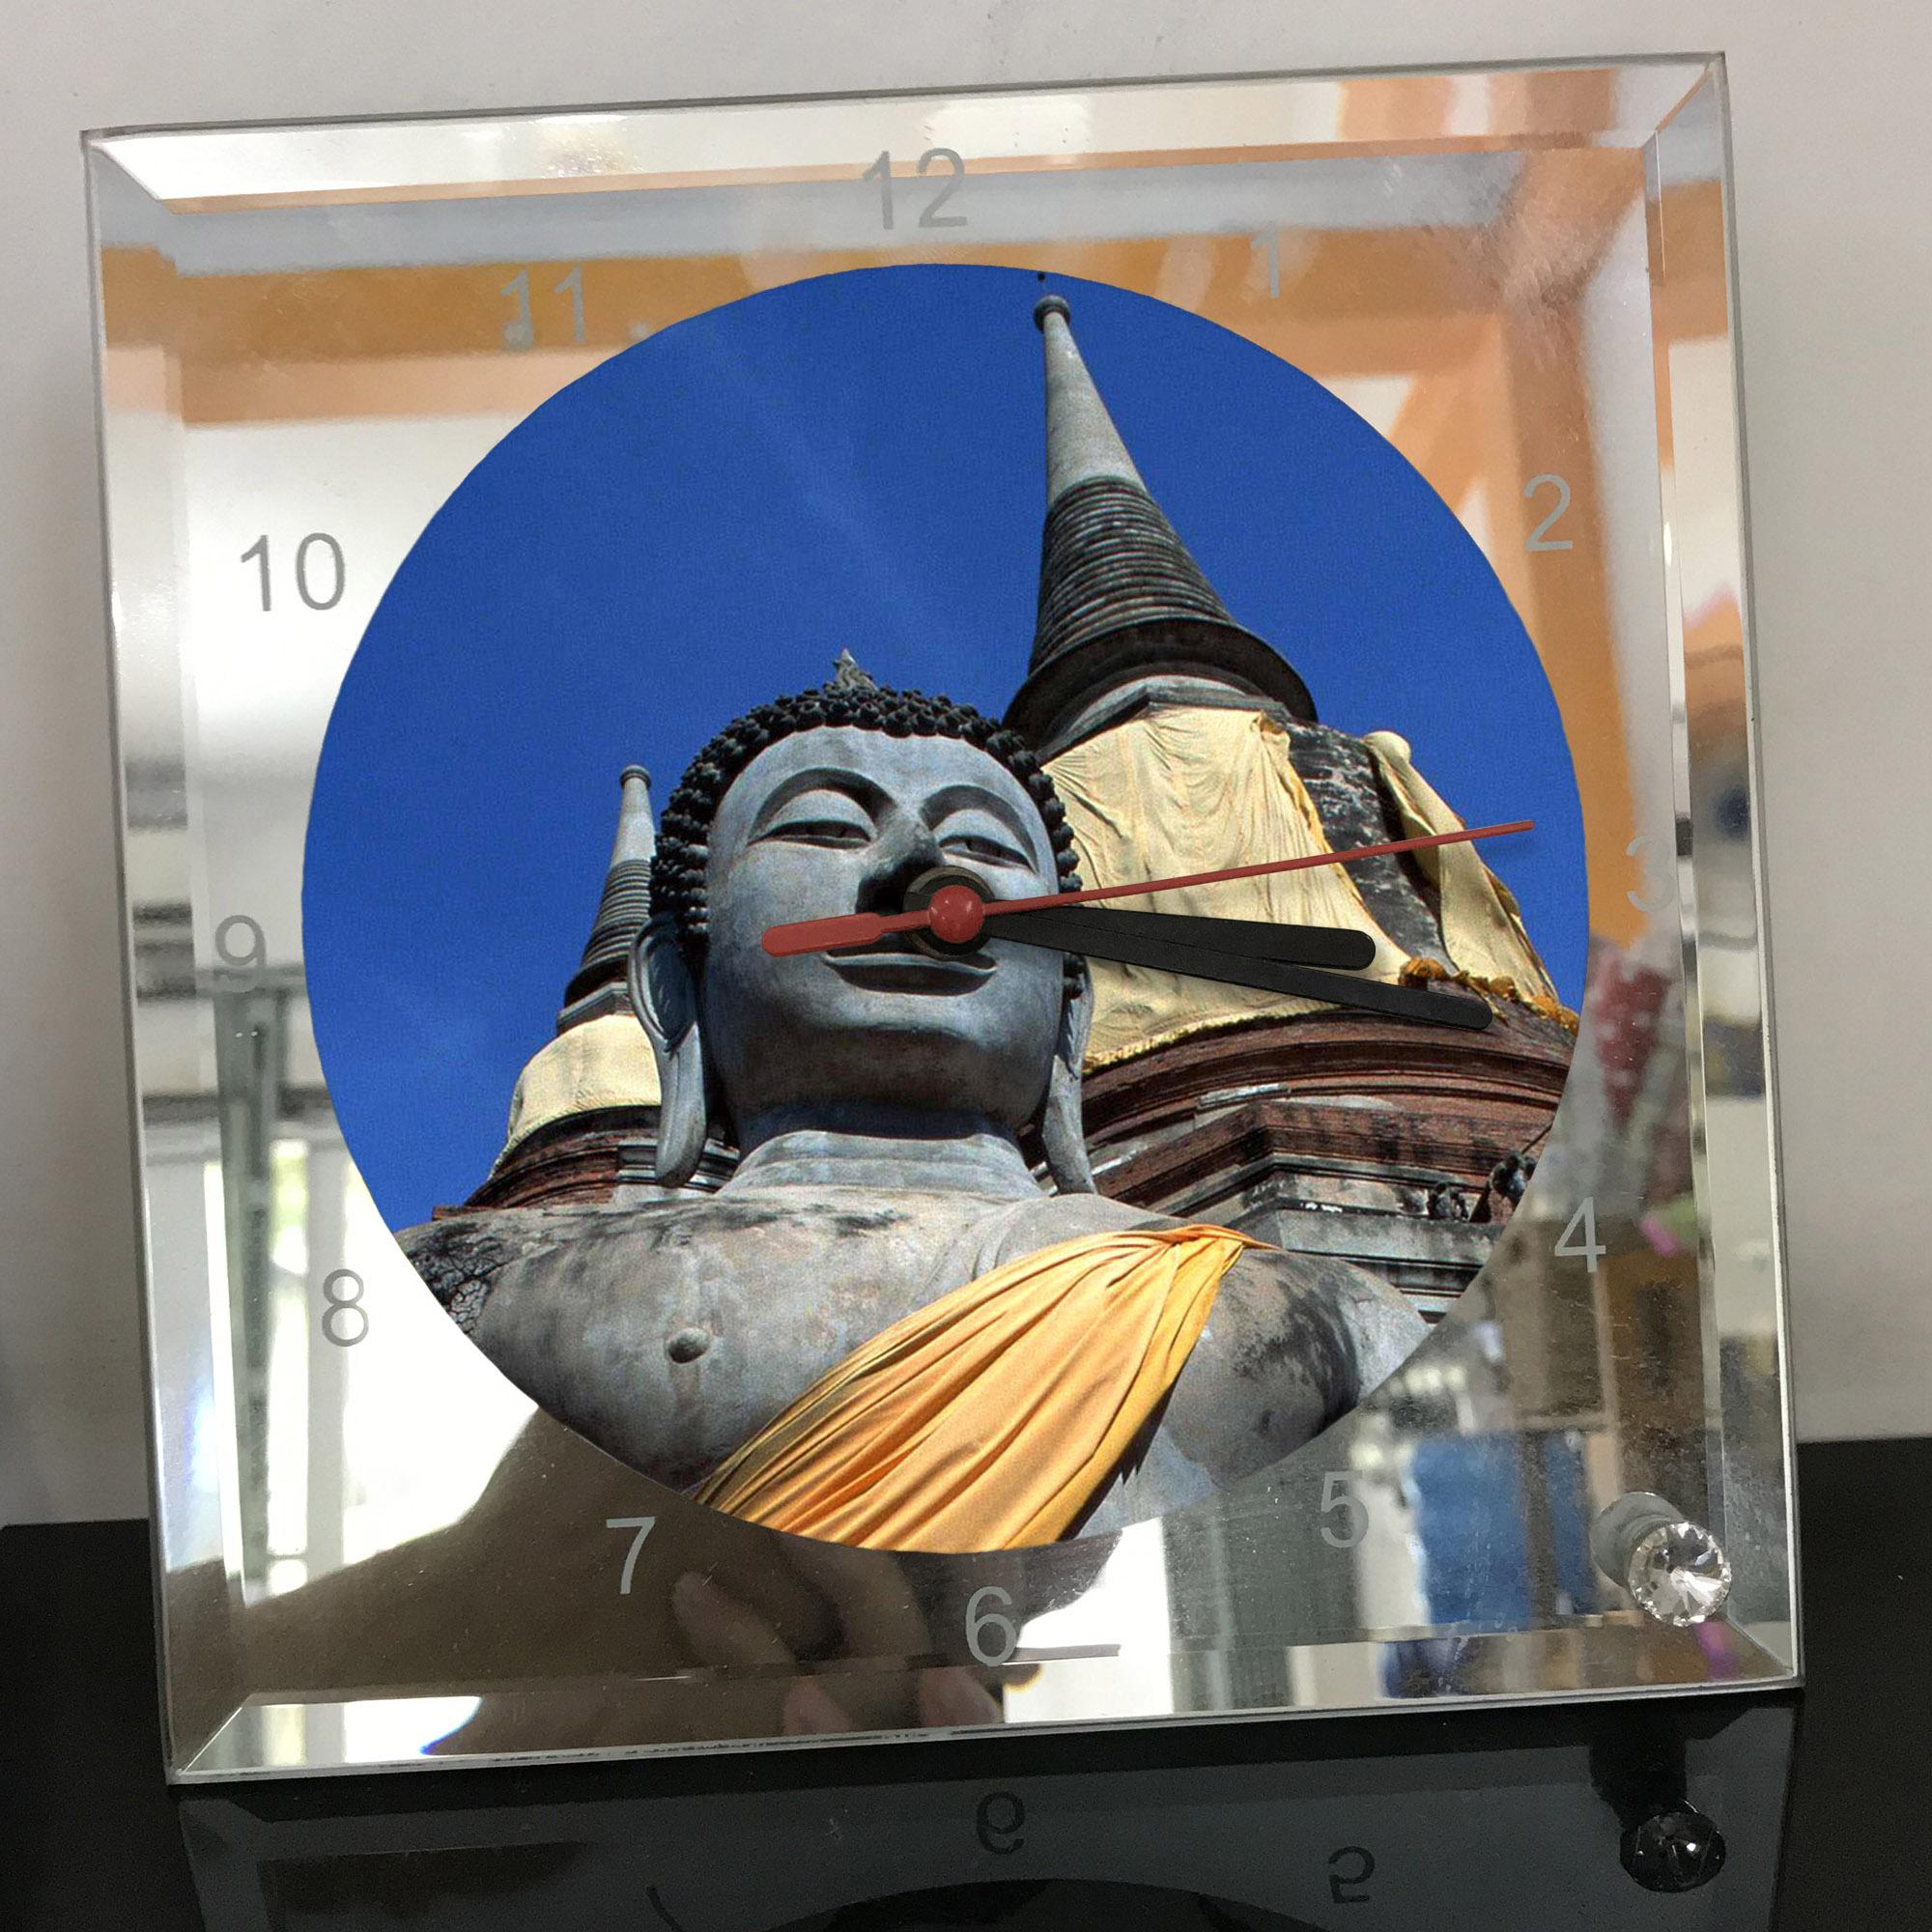 Đồng hồ thủy tinh vuông 20x20 in hình Buddhism - đạo phật (84) . Đồng hồ thủy tinh để bàn trang trí đẹp chủ đề tôn giáo